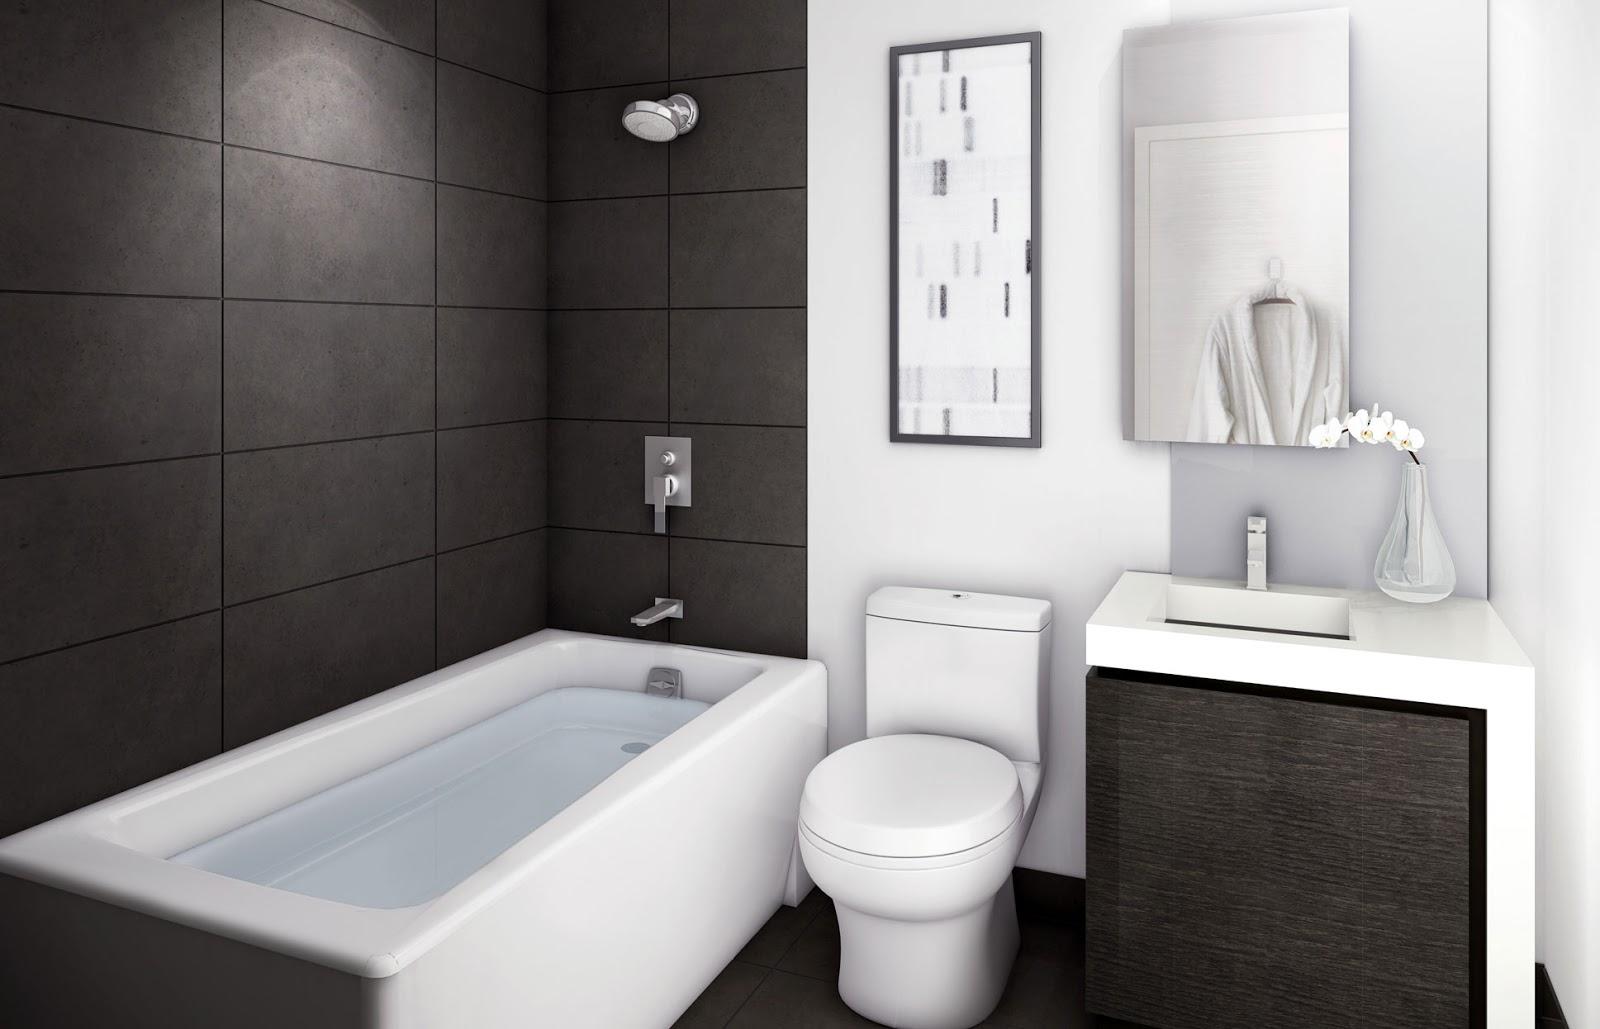 bathrooms-designs-dna-bathroom-designs-ideas